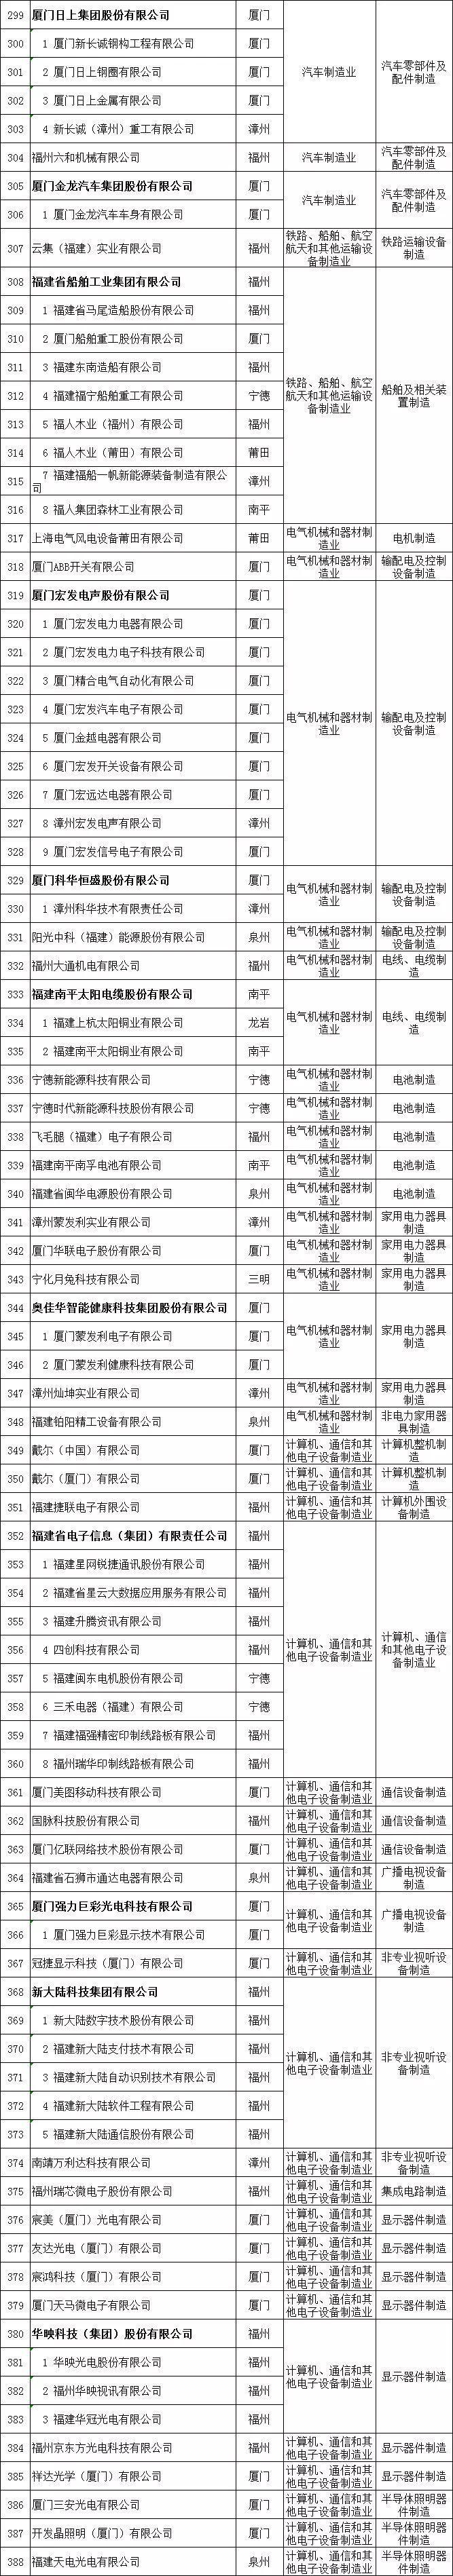 三明一批企业榜上有名!福建这份省级龙头企业名单公布